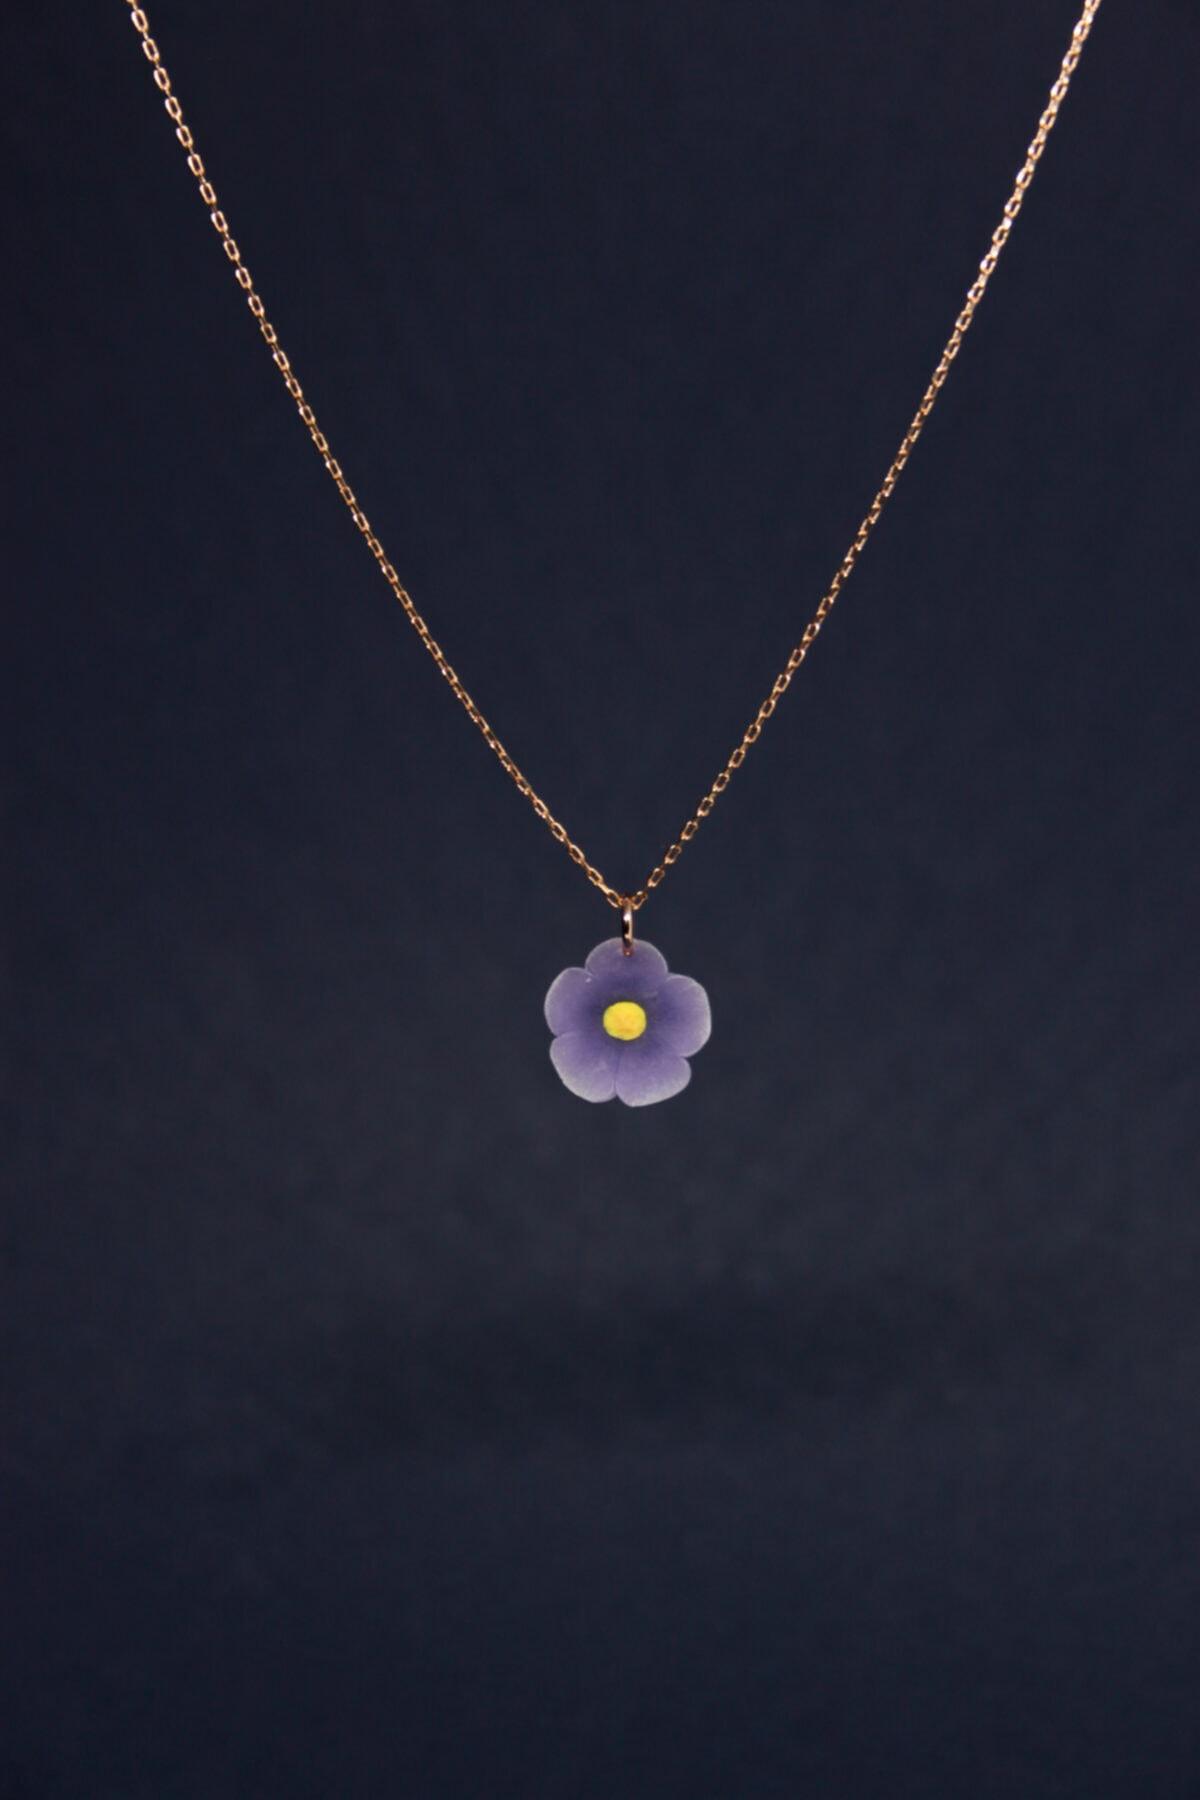 Alegoria Jewellery Leylak Elyapımı 24k Rose Altın Kaplama Gümüş Kolye 1